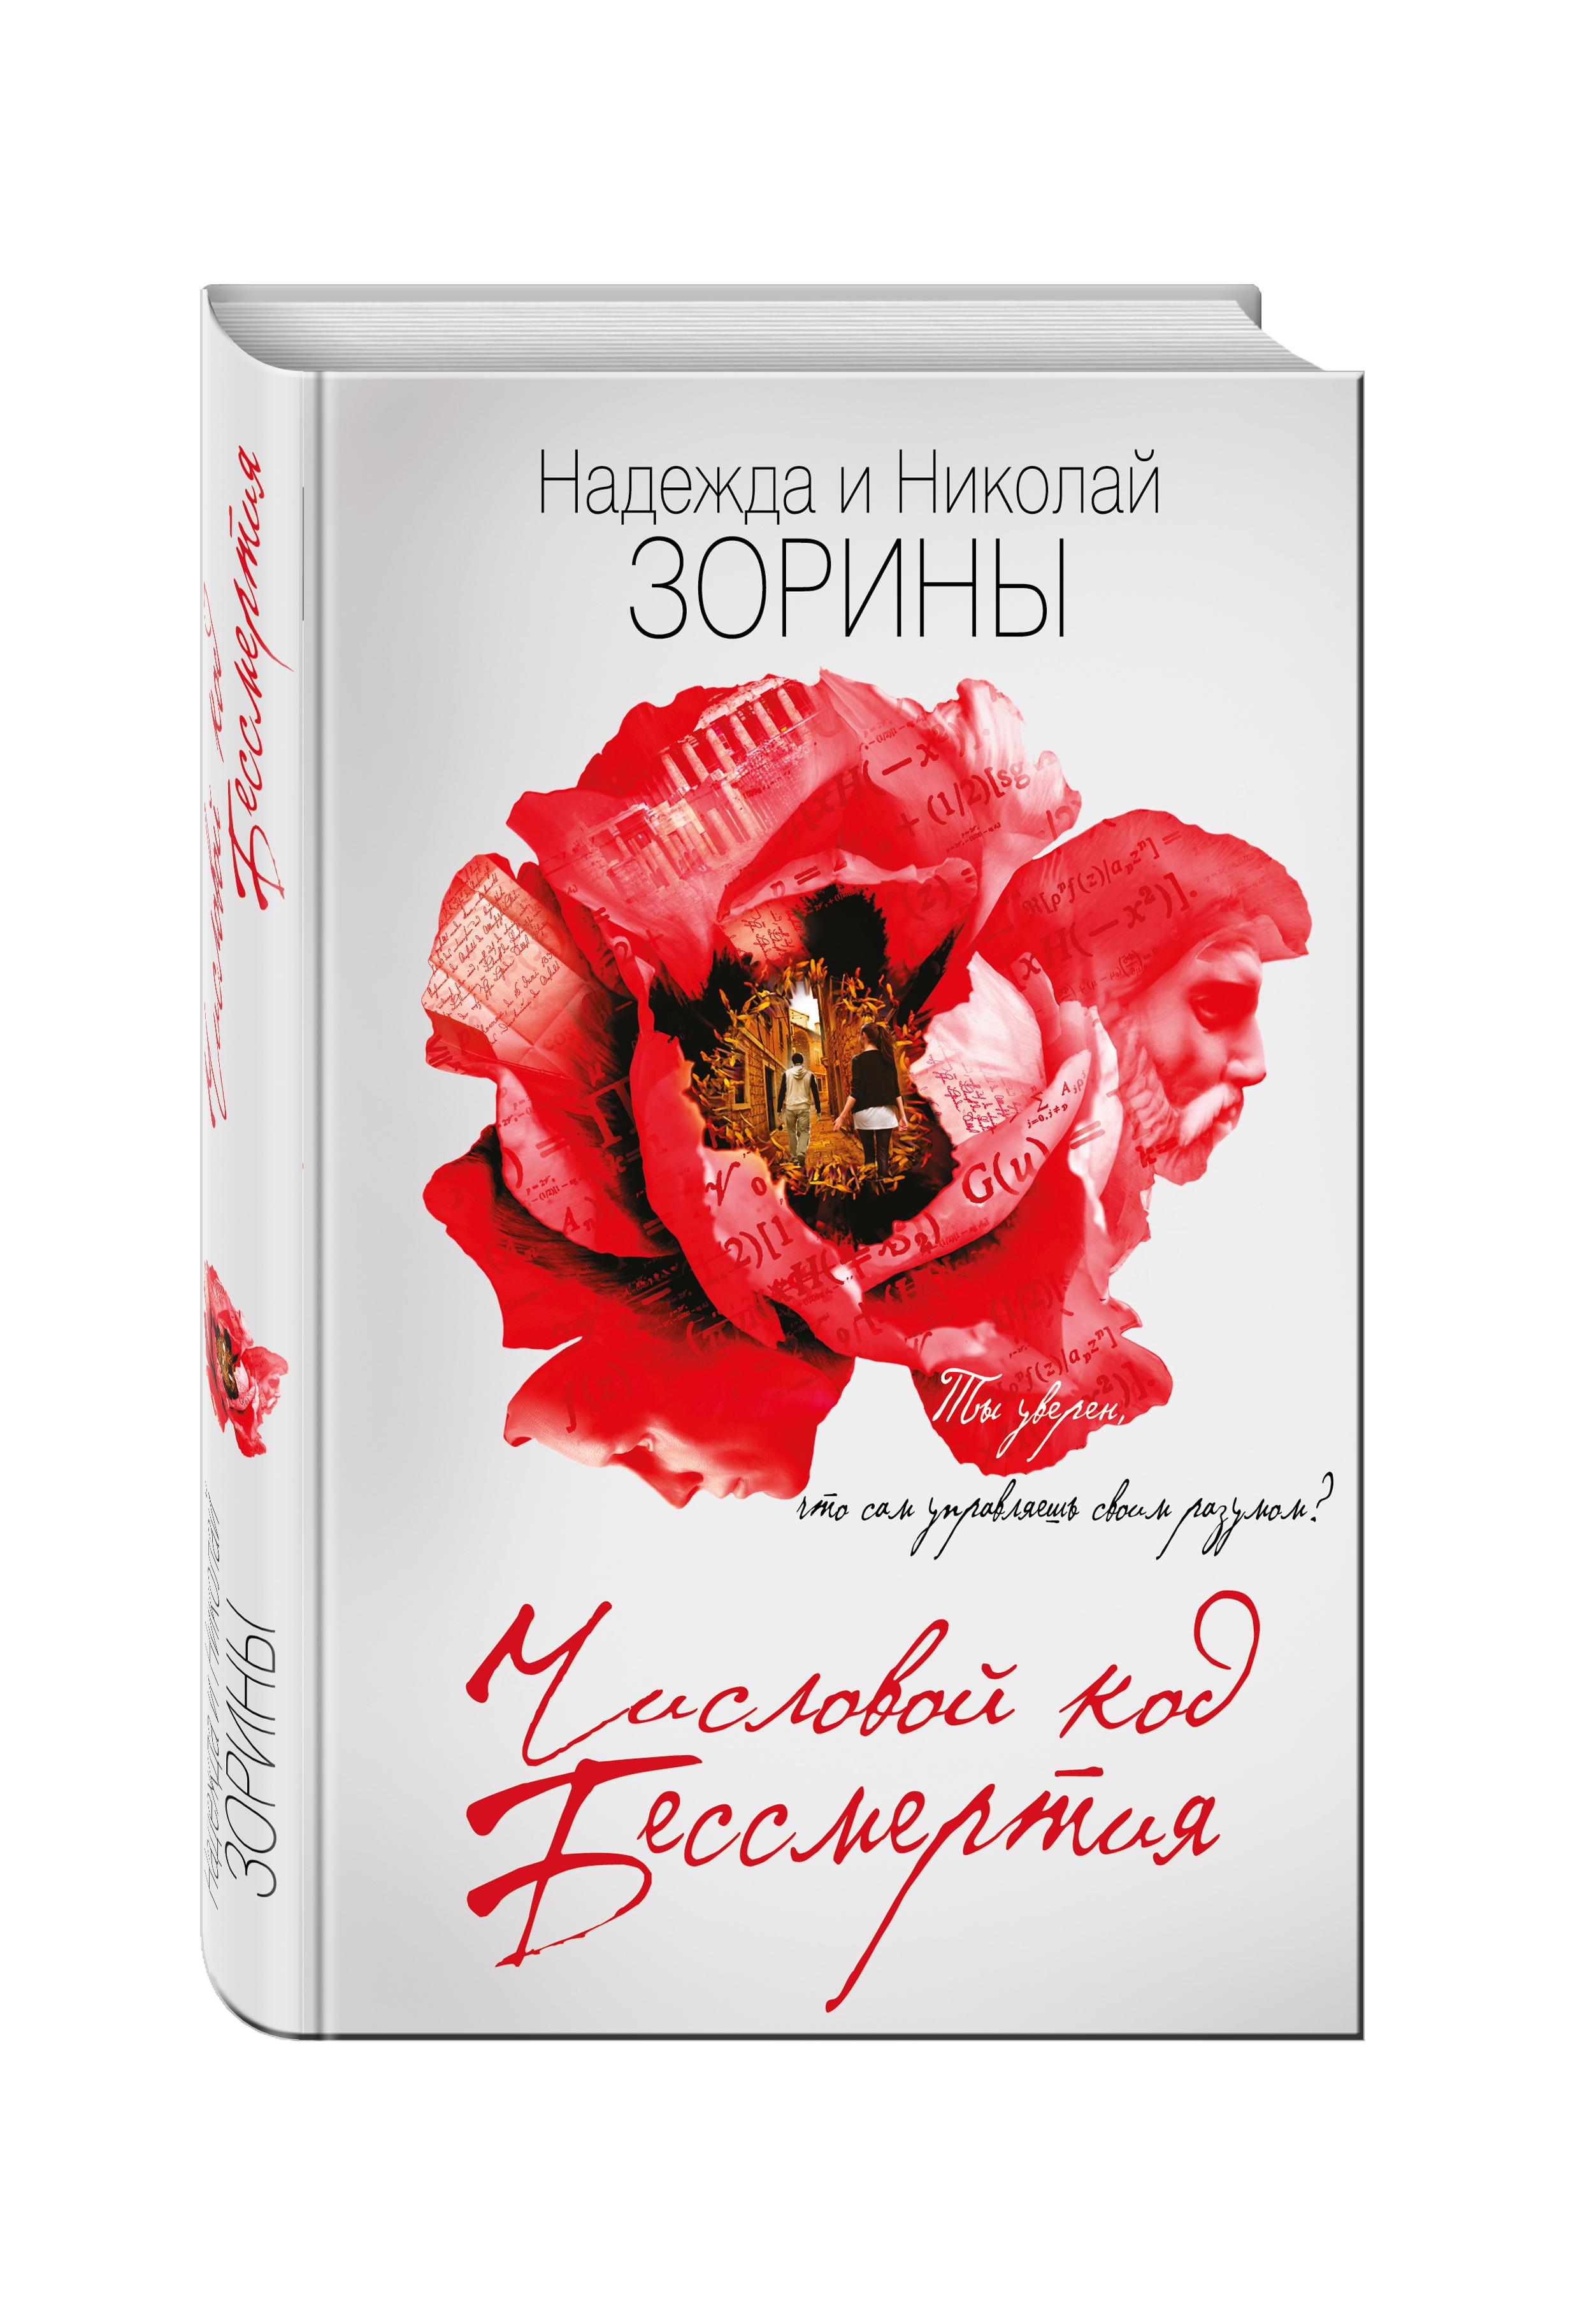 Зорина Н., Зорин Н. Числовой код бессмертия зорина н зорин н ловушка памяти